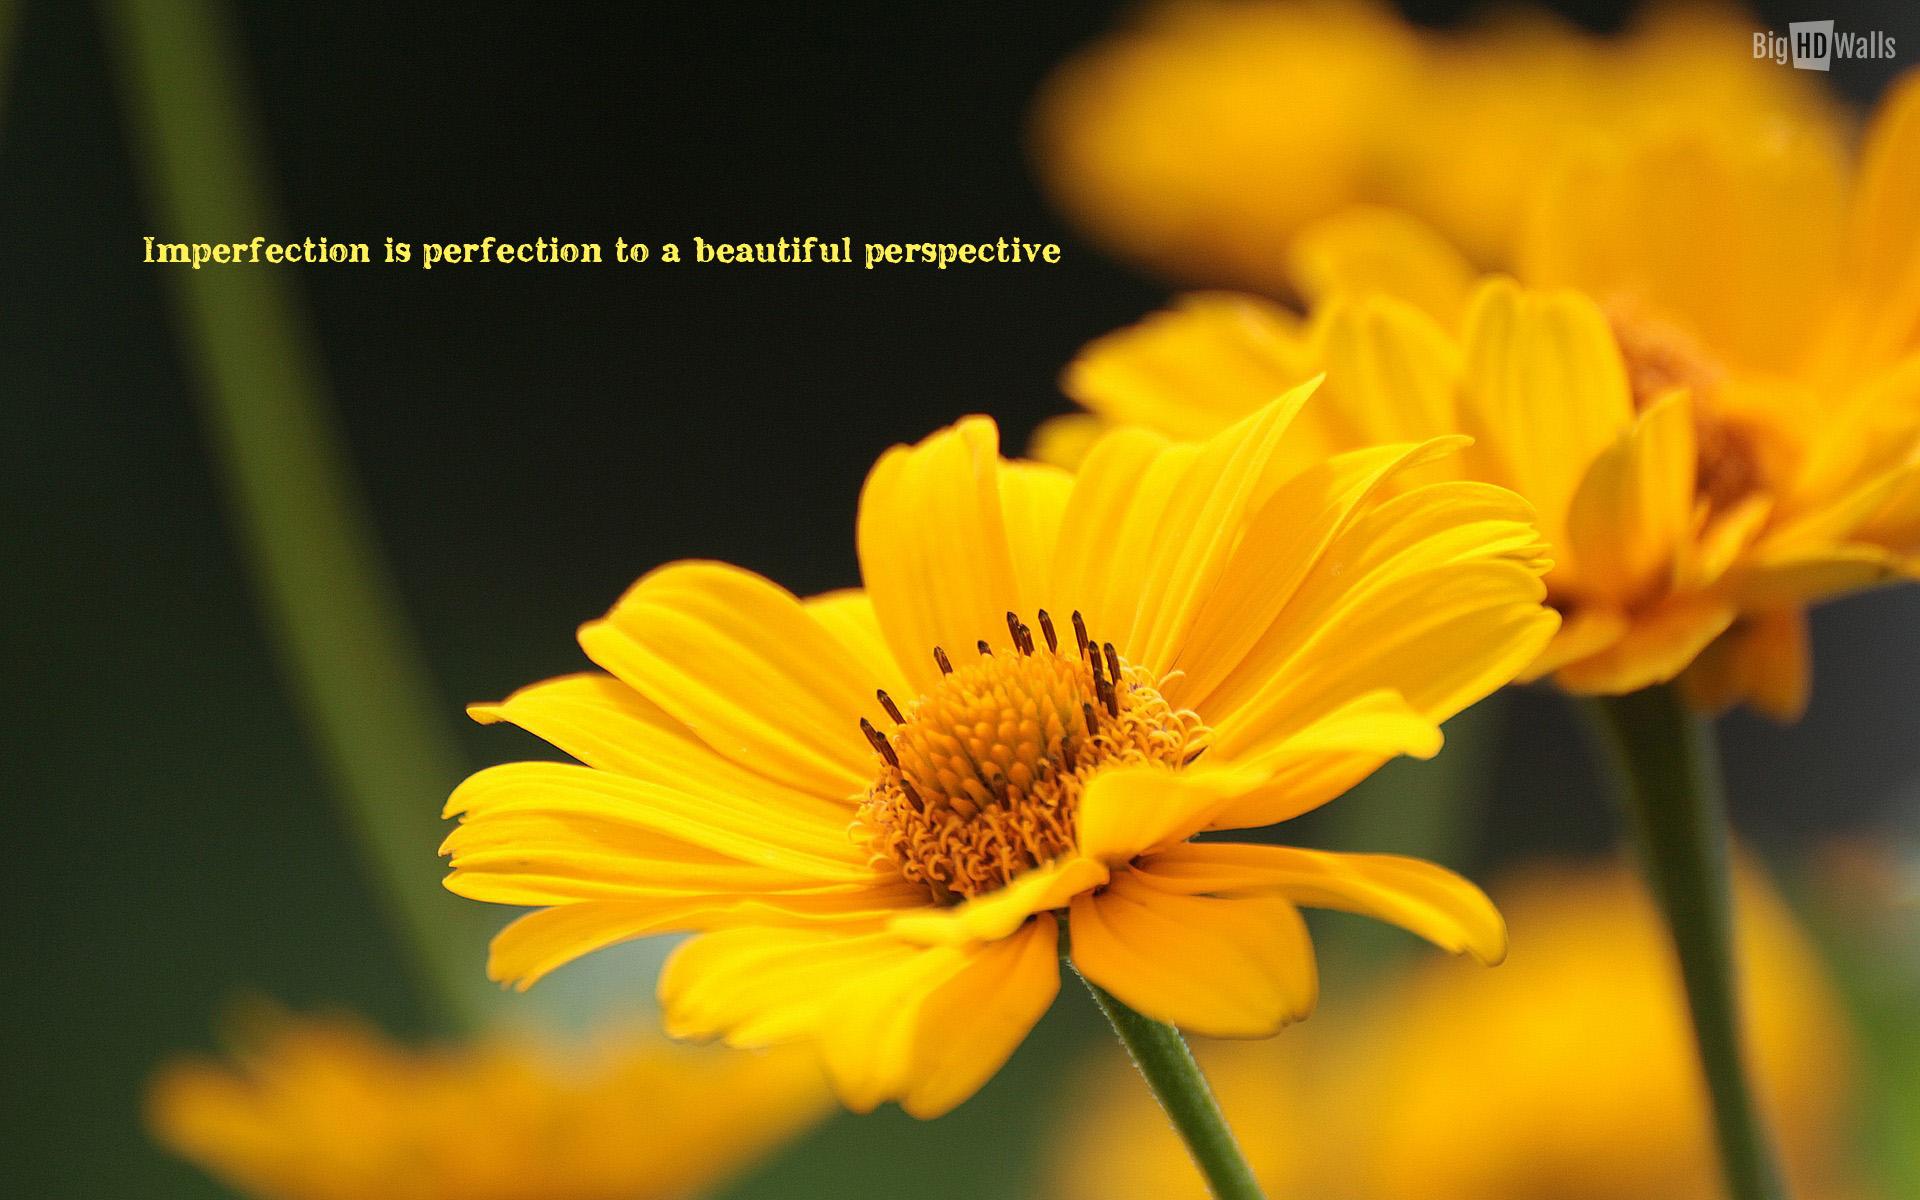 Happy Flower Quotes Quotesgram 44 Quotes